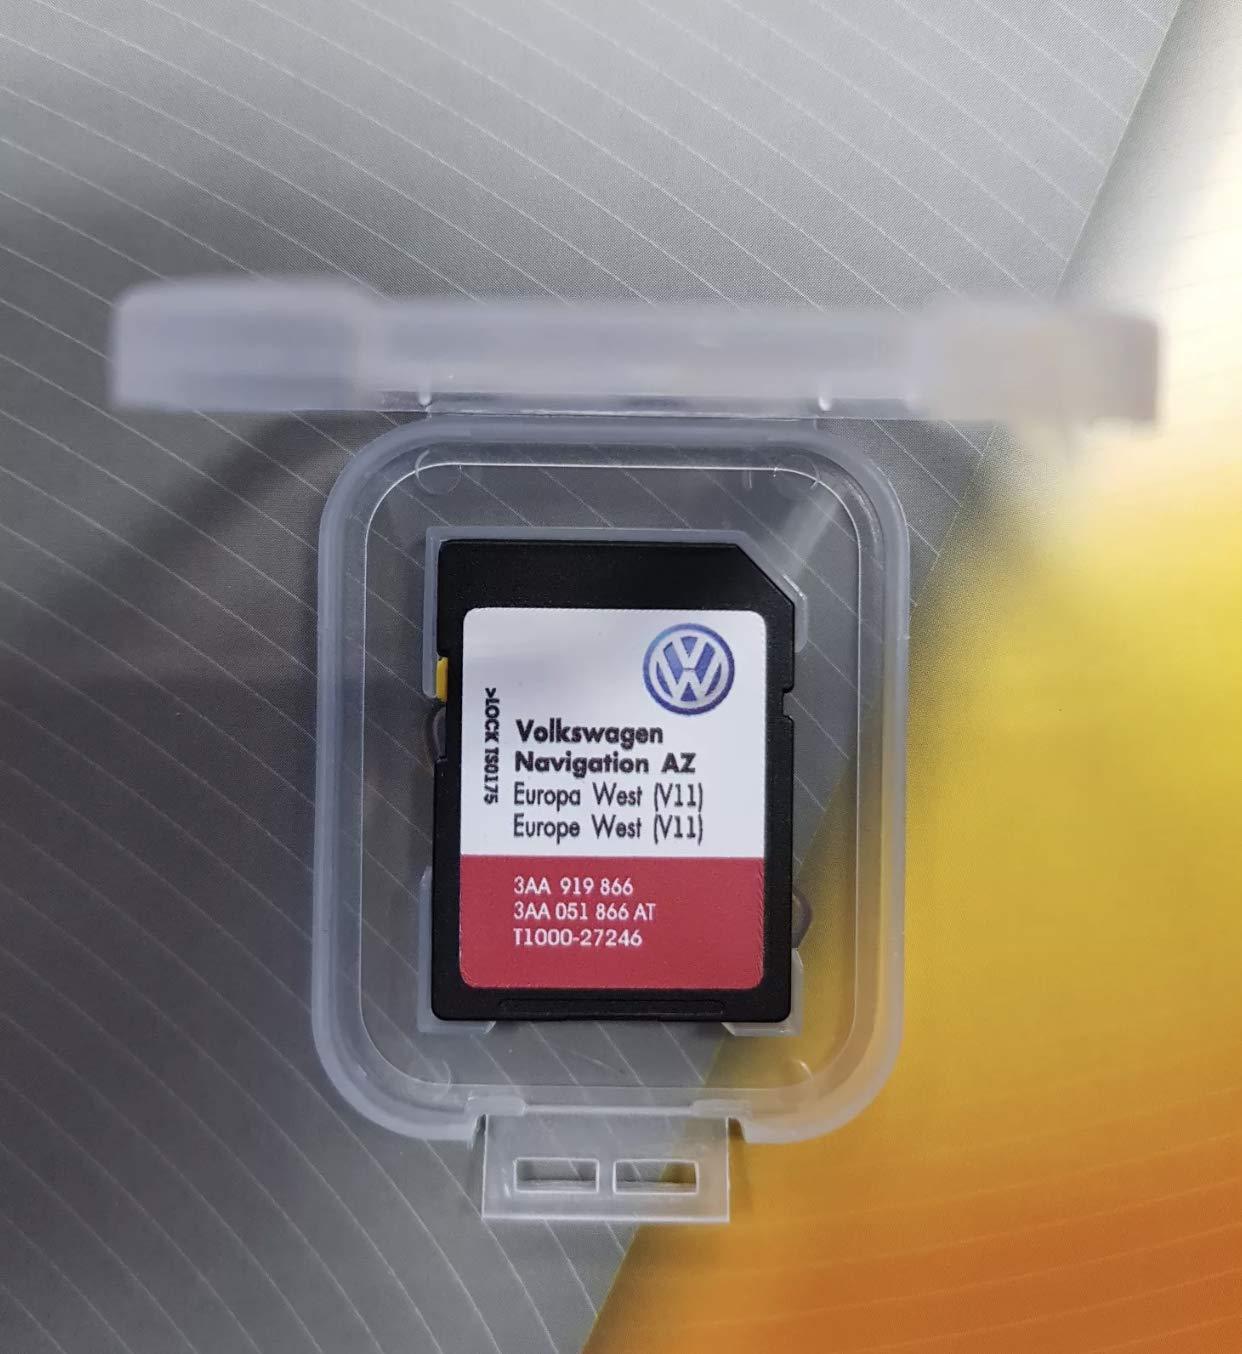 Volkswagen 3AA051866AT Original SD Card Navigation V11 Europe West RNS 315  Navigation System AZ Navigation Software VW Update